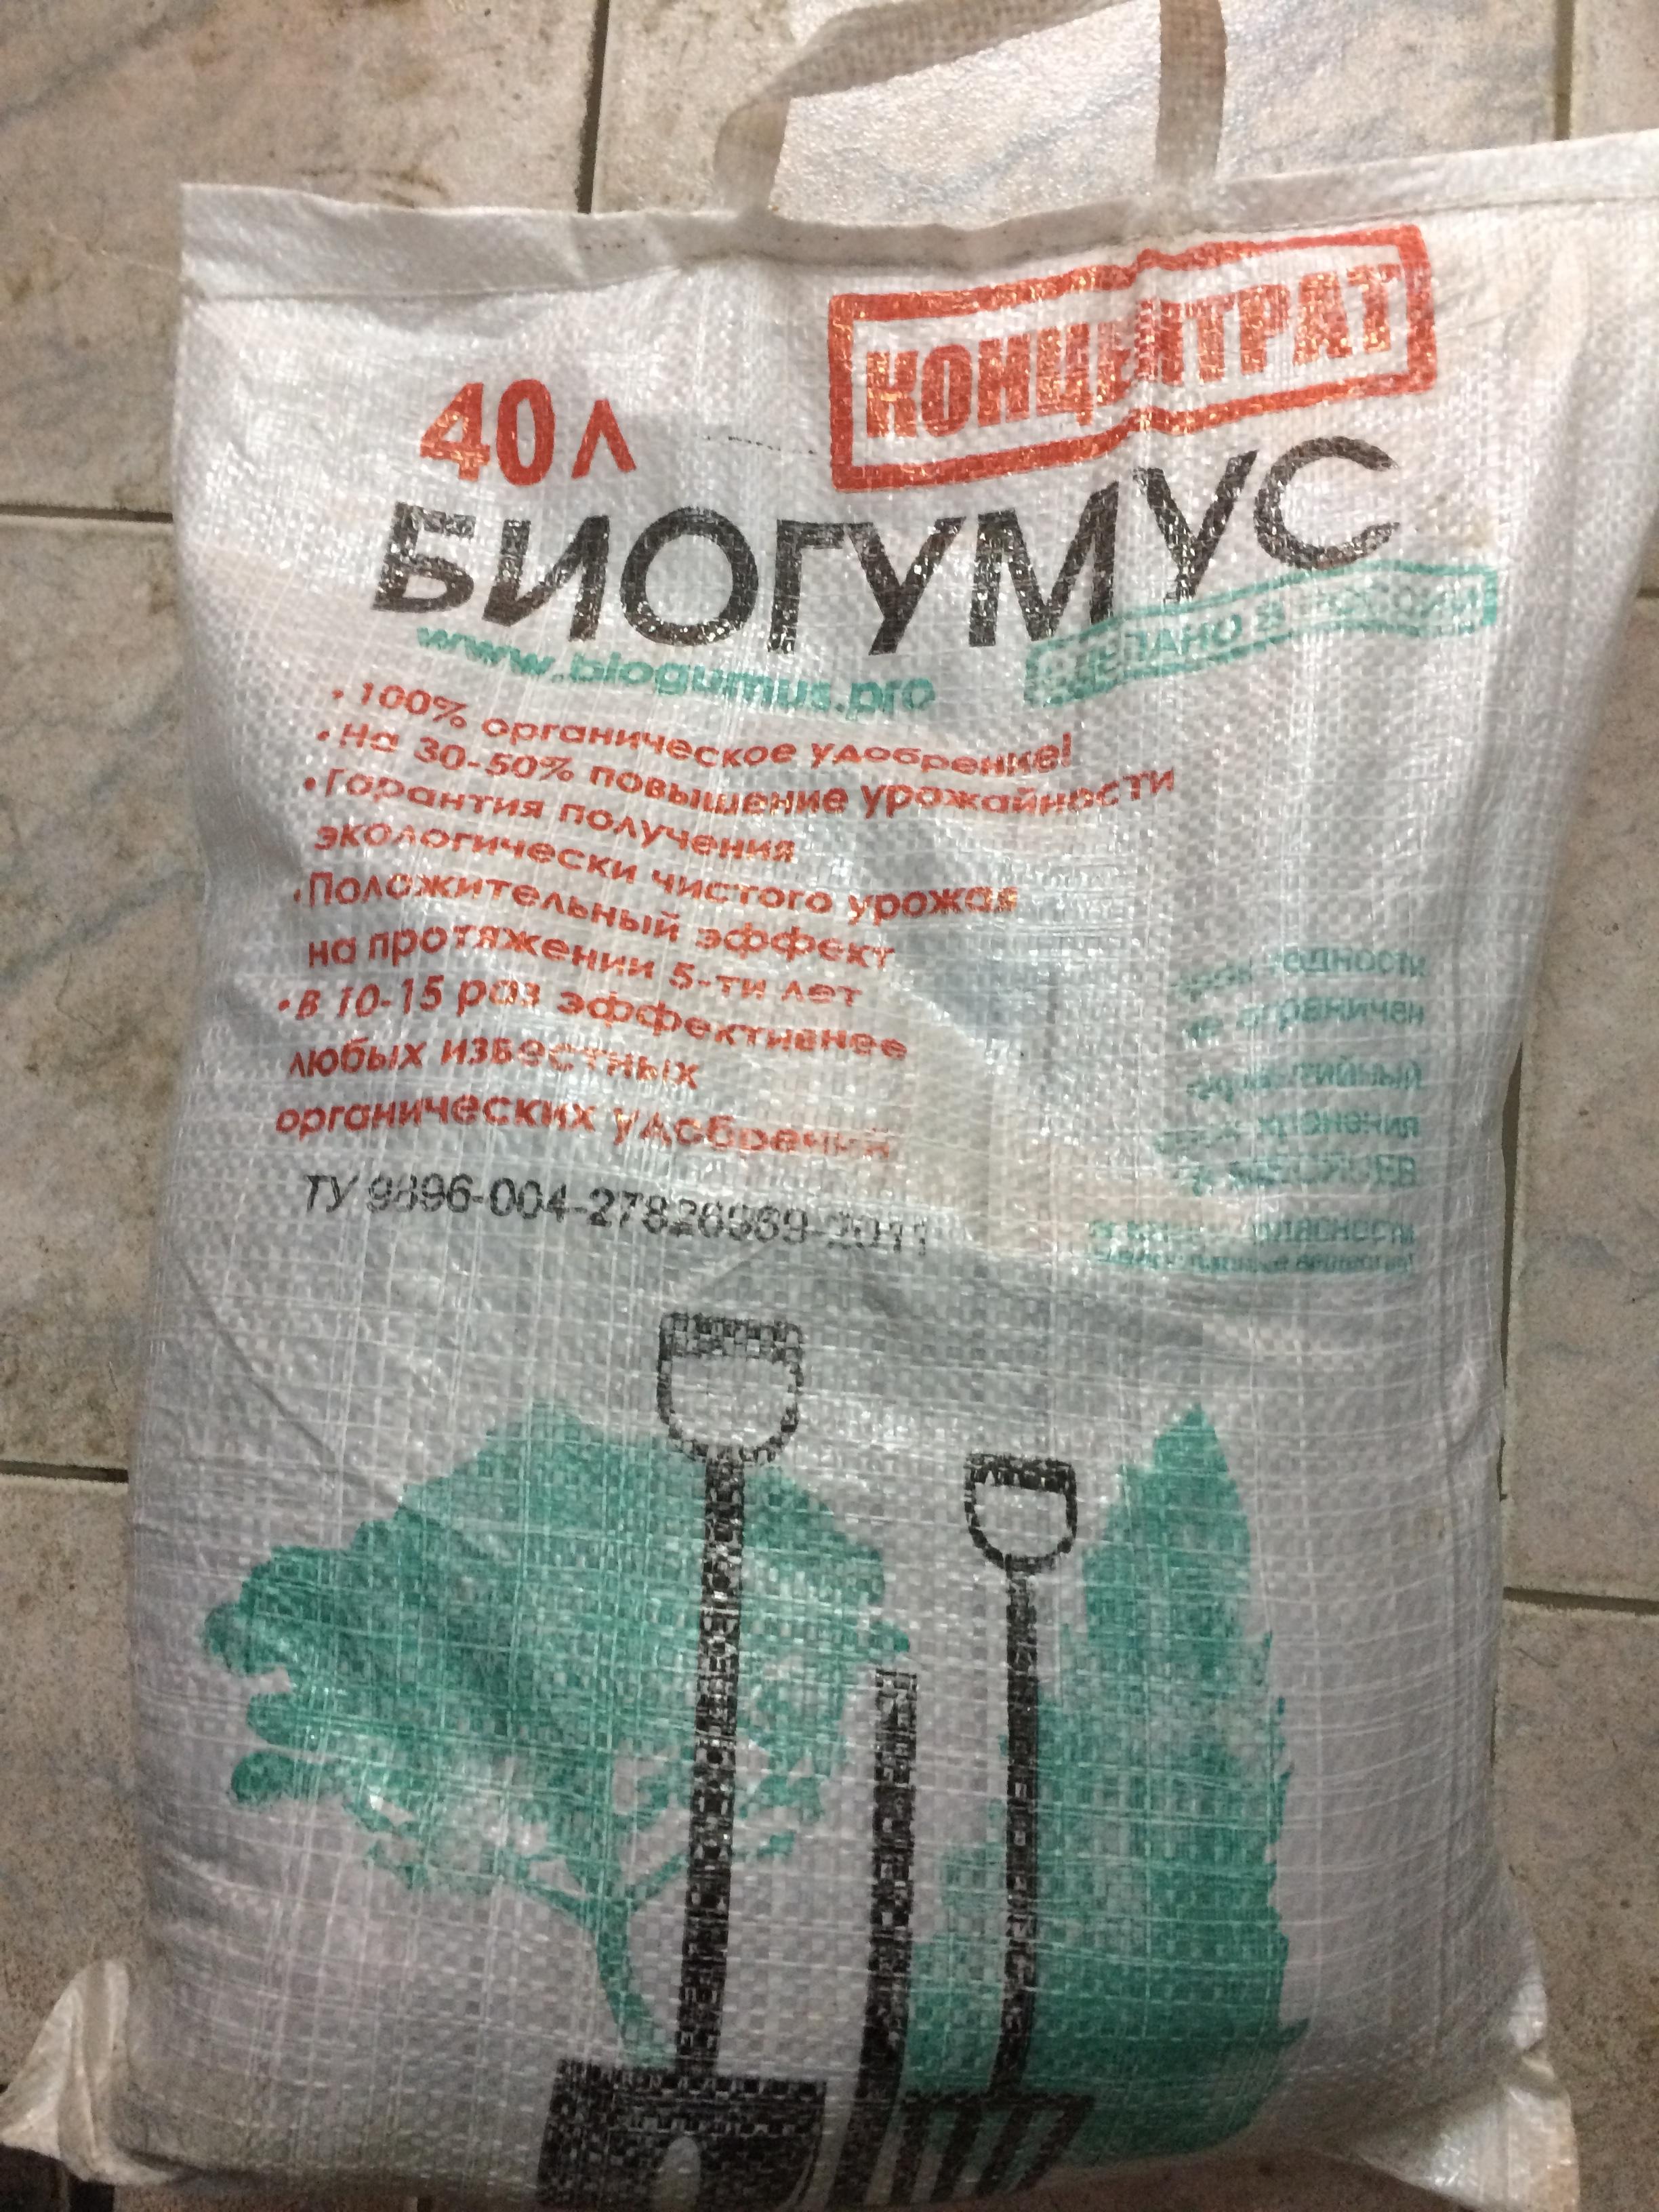 biogumus-40-l